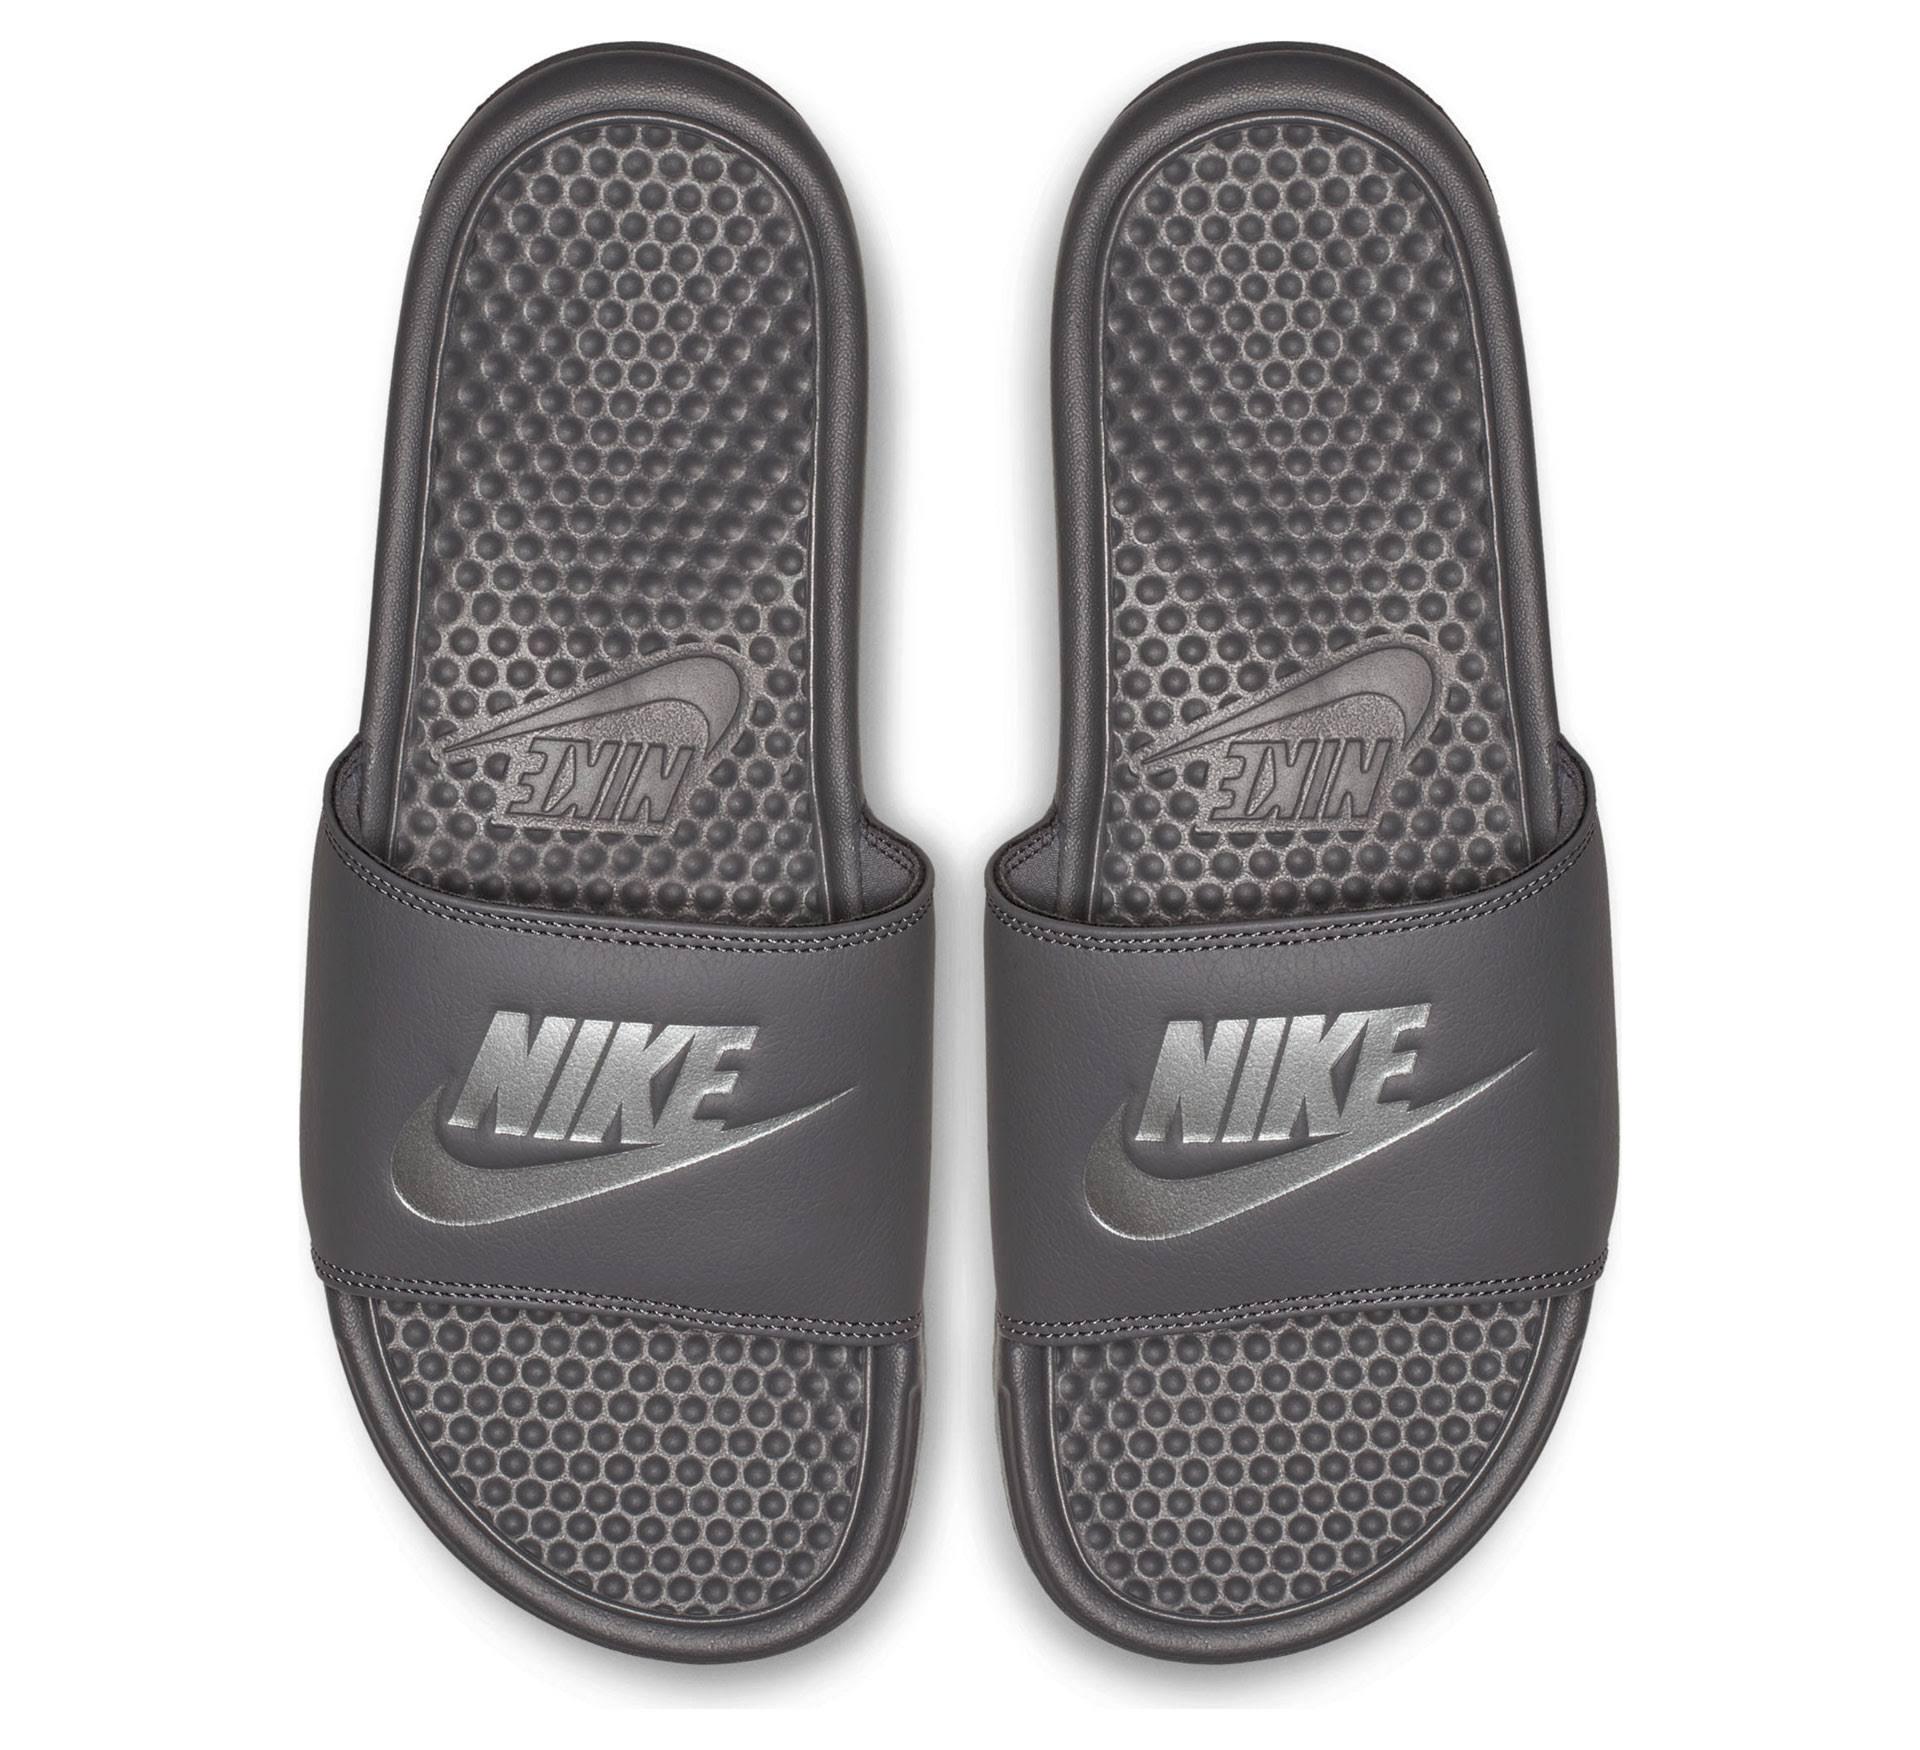 Herren silber Benassi Nike grau Grau Grau Für us Gr Jdi Badeschuhe 8 q4xgHp